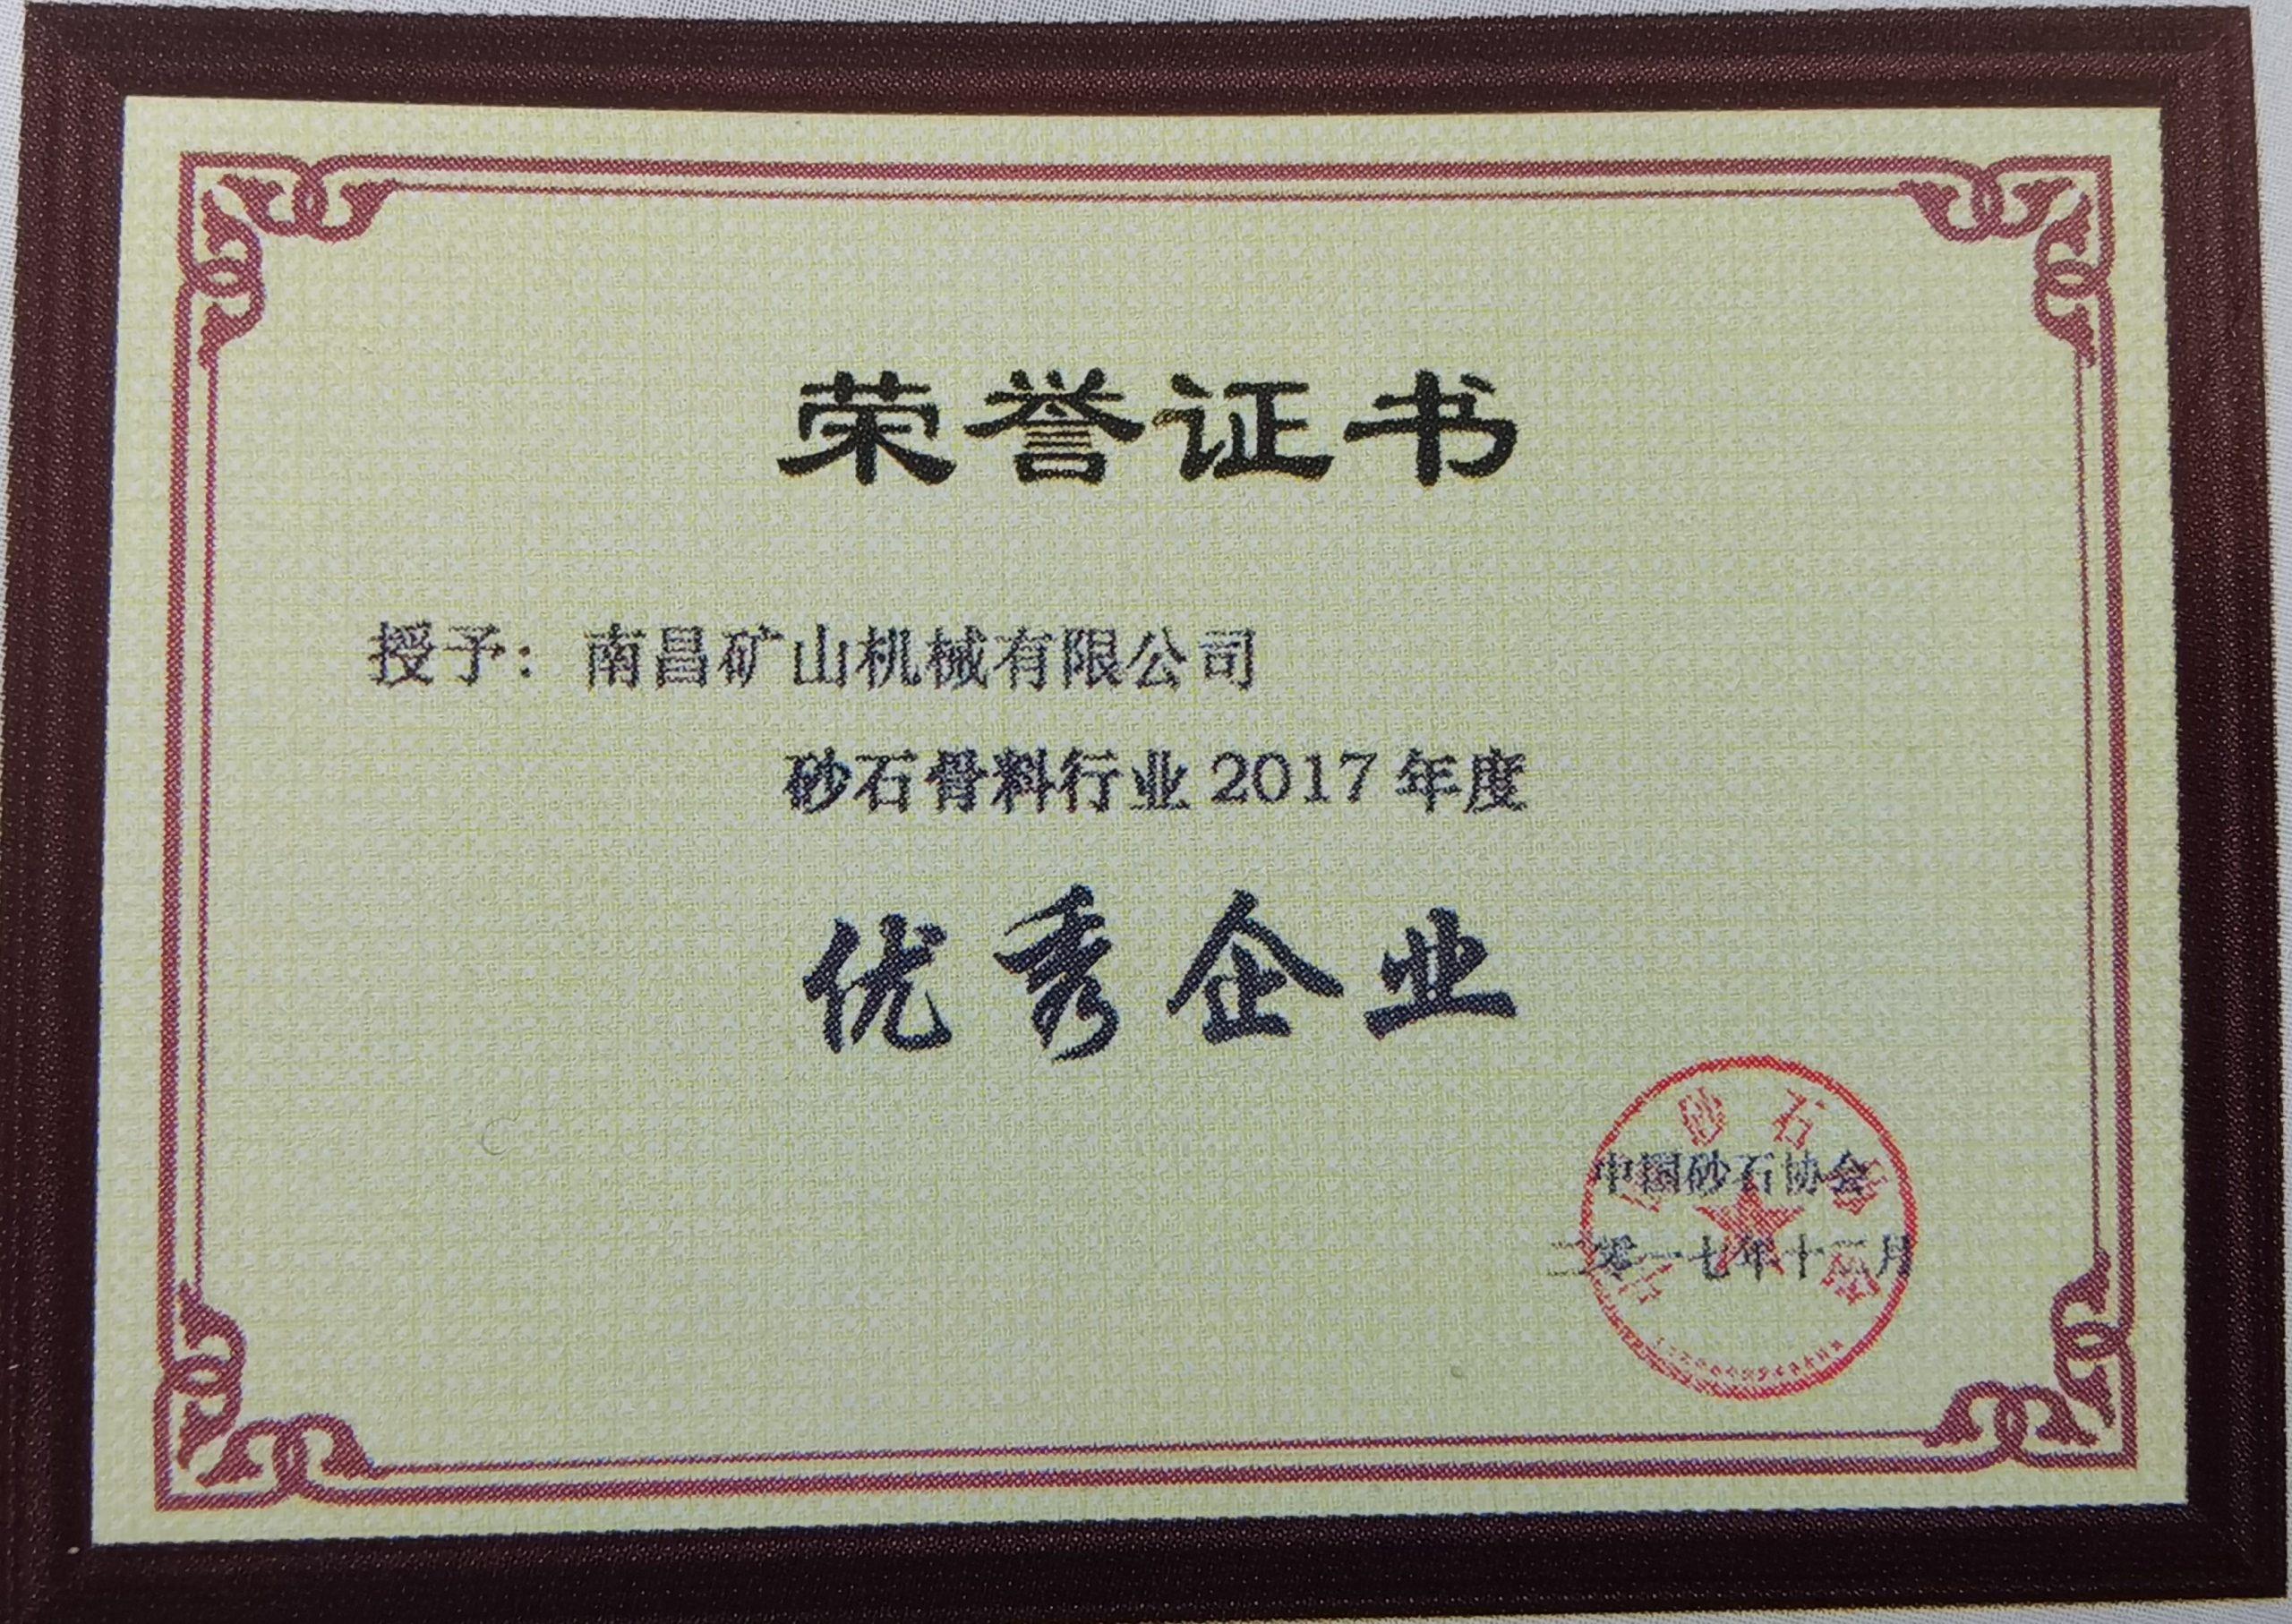 砂石骨料行业年度优秀企业